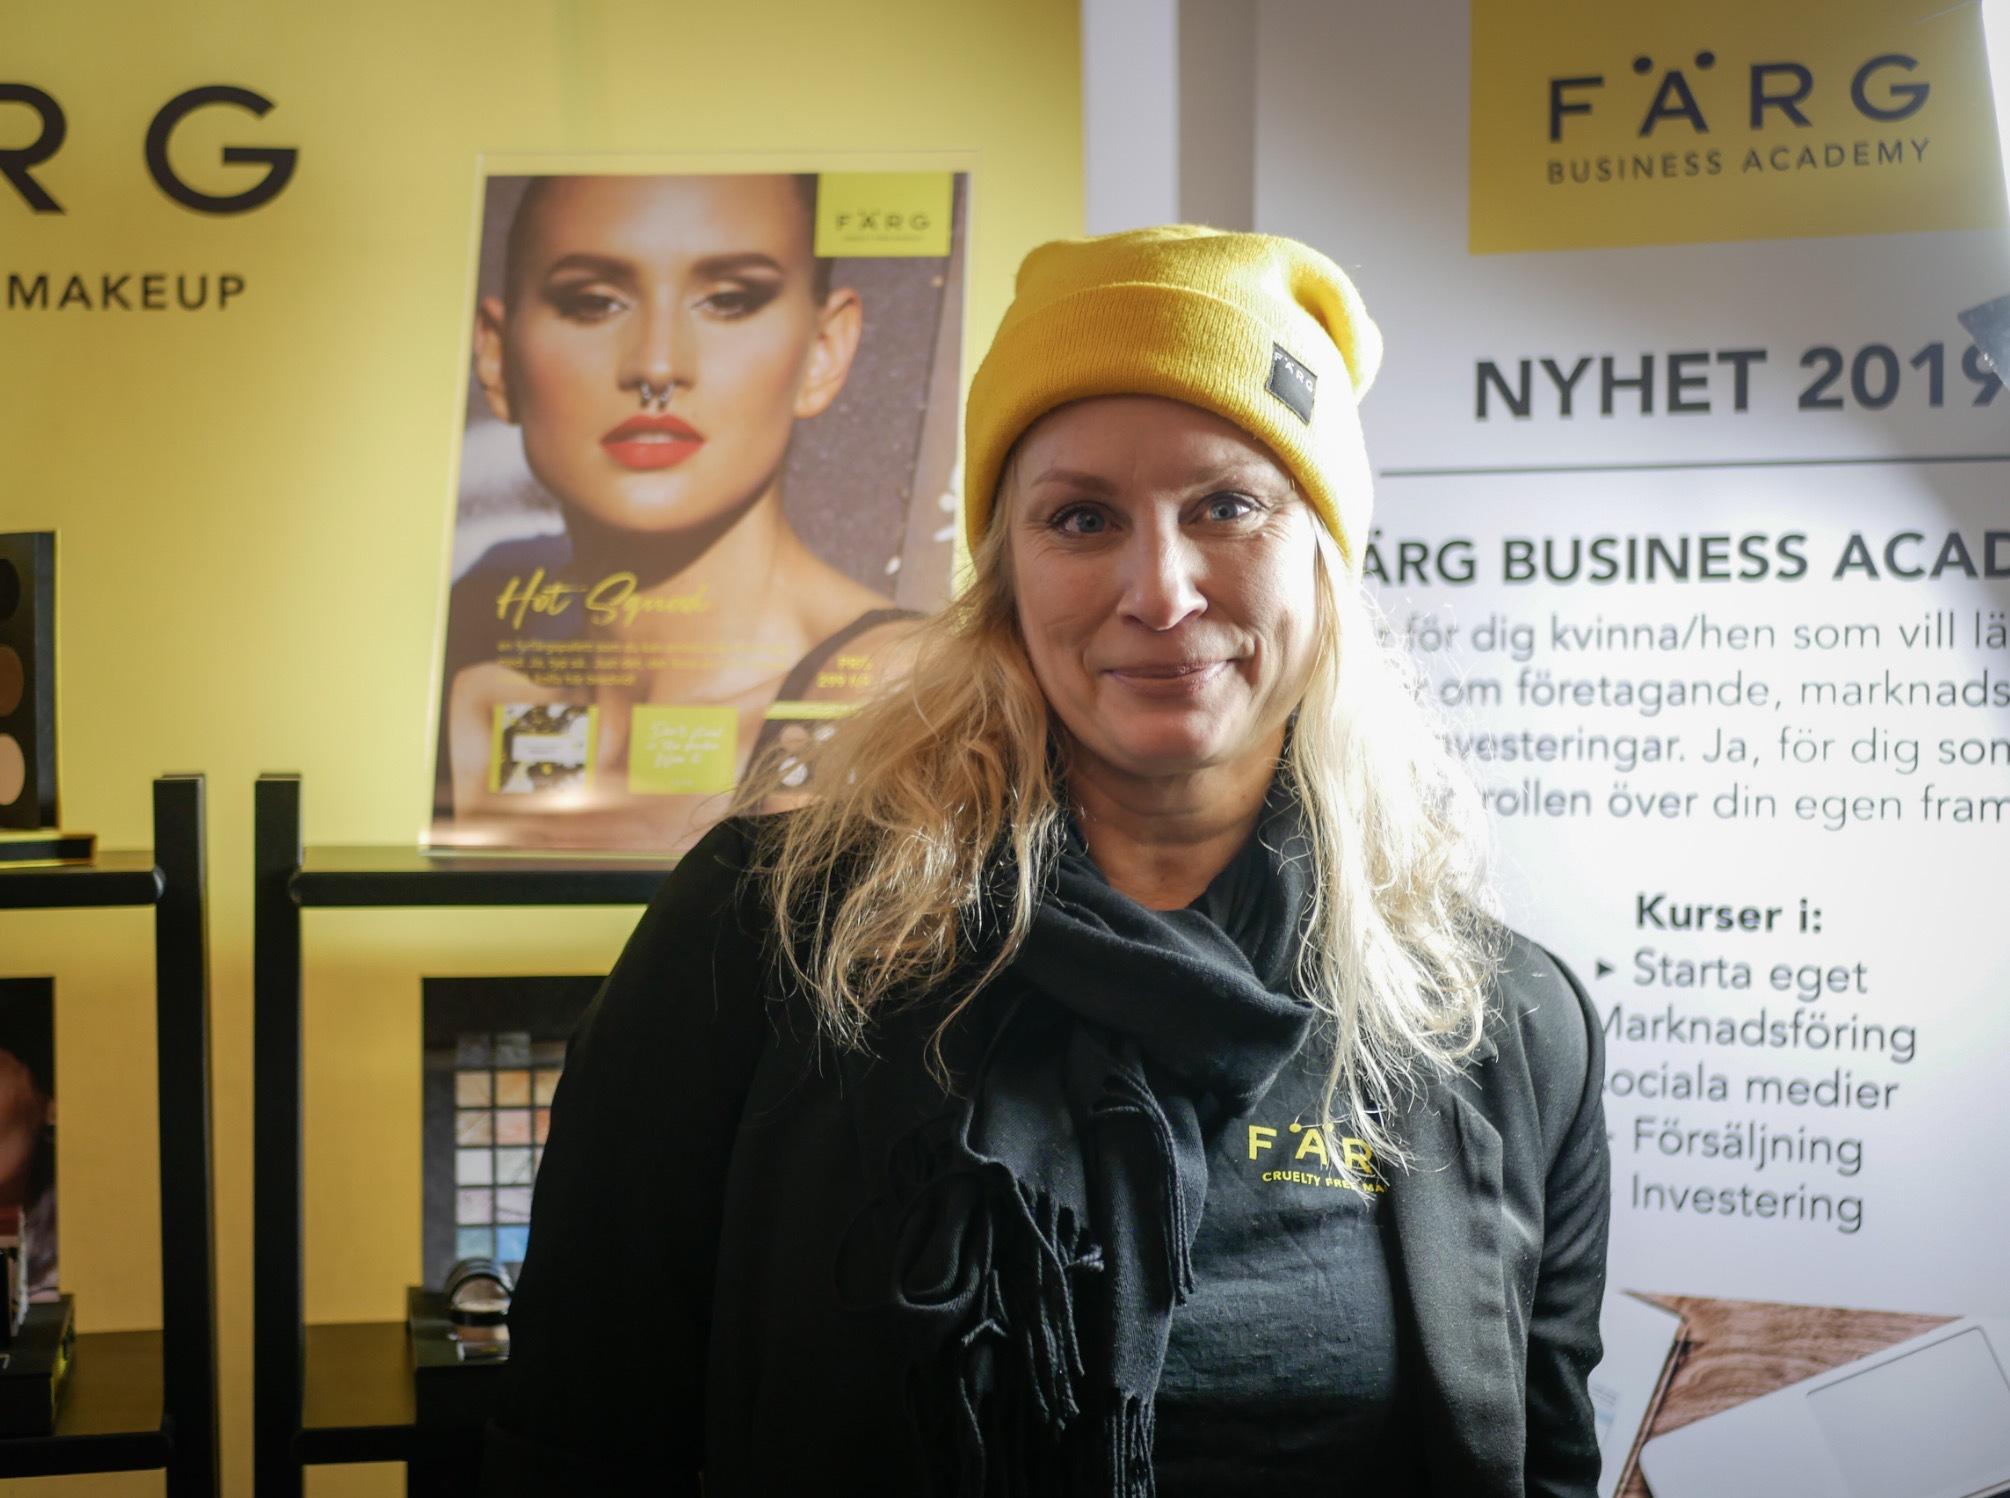 Gick förbi det veganska makeupmärket FÄRG Collection (ej ekologiskt dock) som gjort ett statement att inte retouchera sina modeller. Där träffade jag Birgitta Lagerholm som presenterade deras nya utbildnings